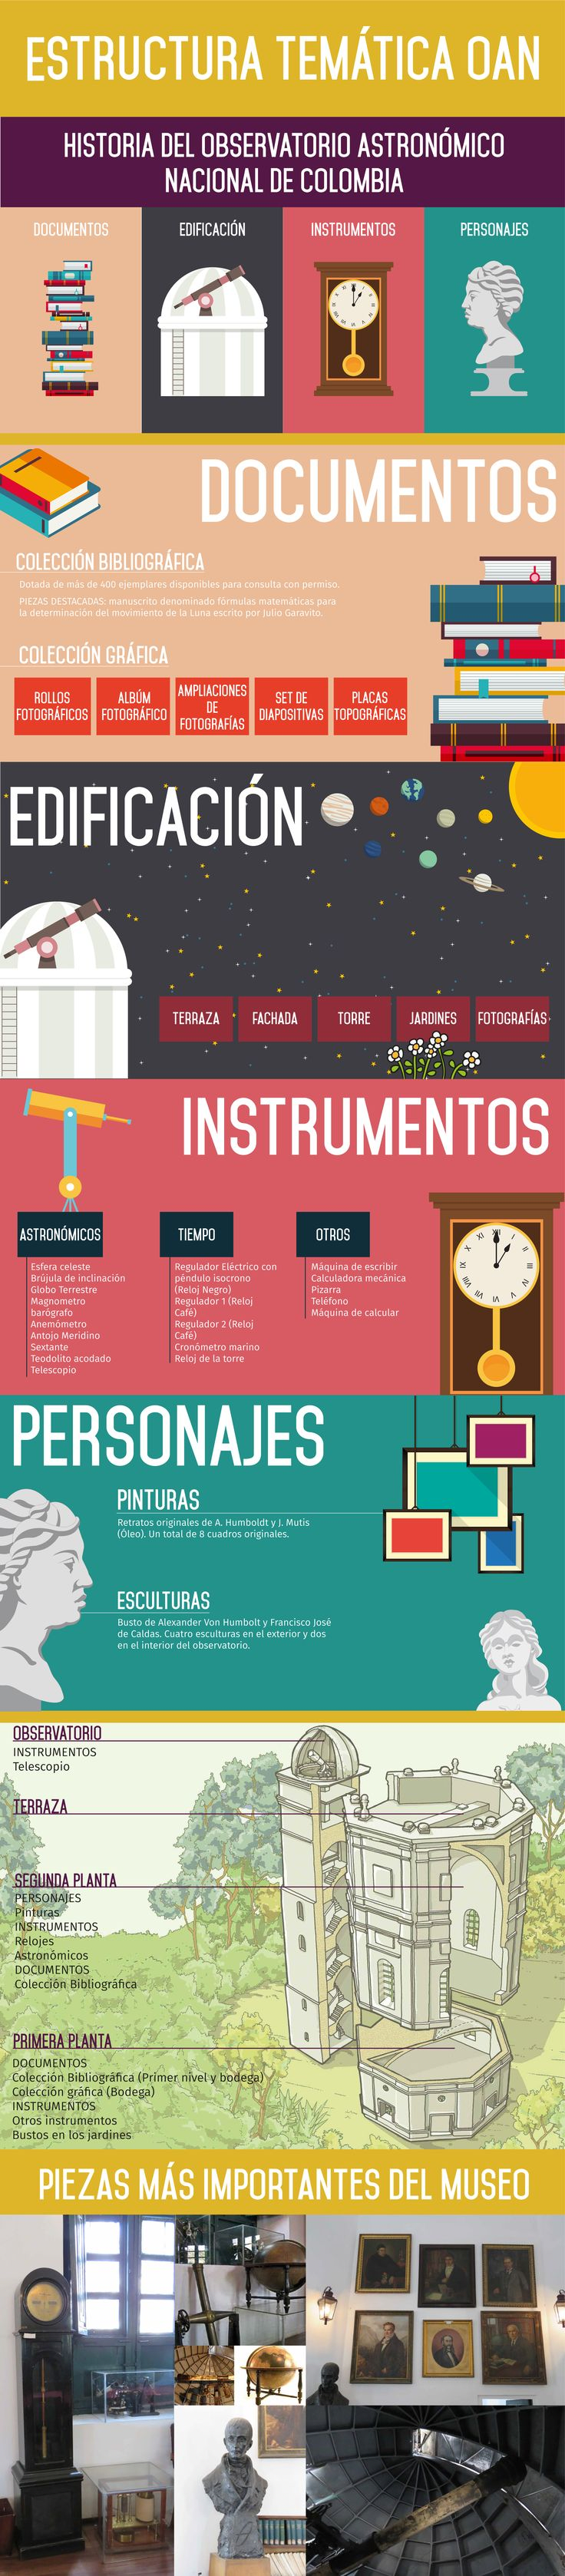 Infografía sobre la Estructura temática del Observatorio Astronómico Nacional de Colombia. Infographic Design.